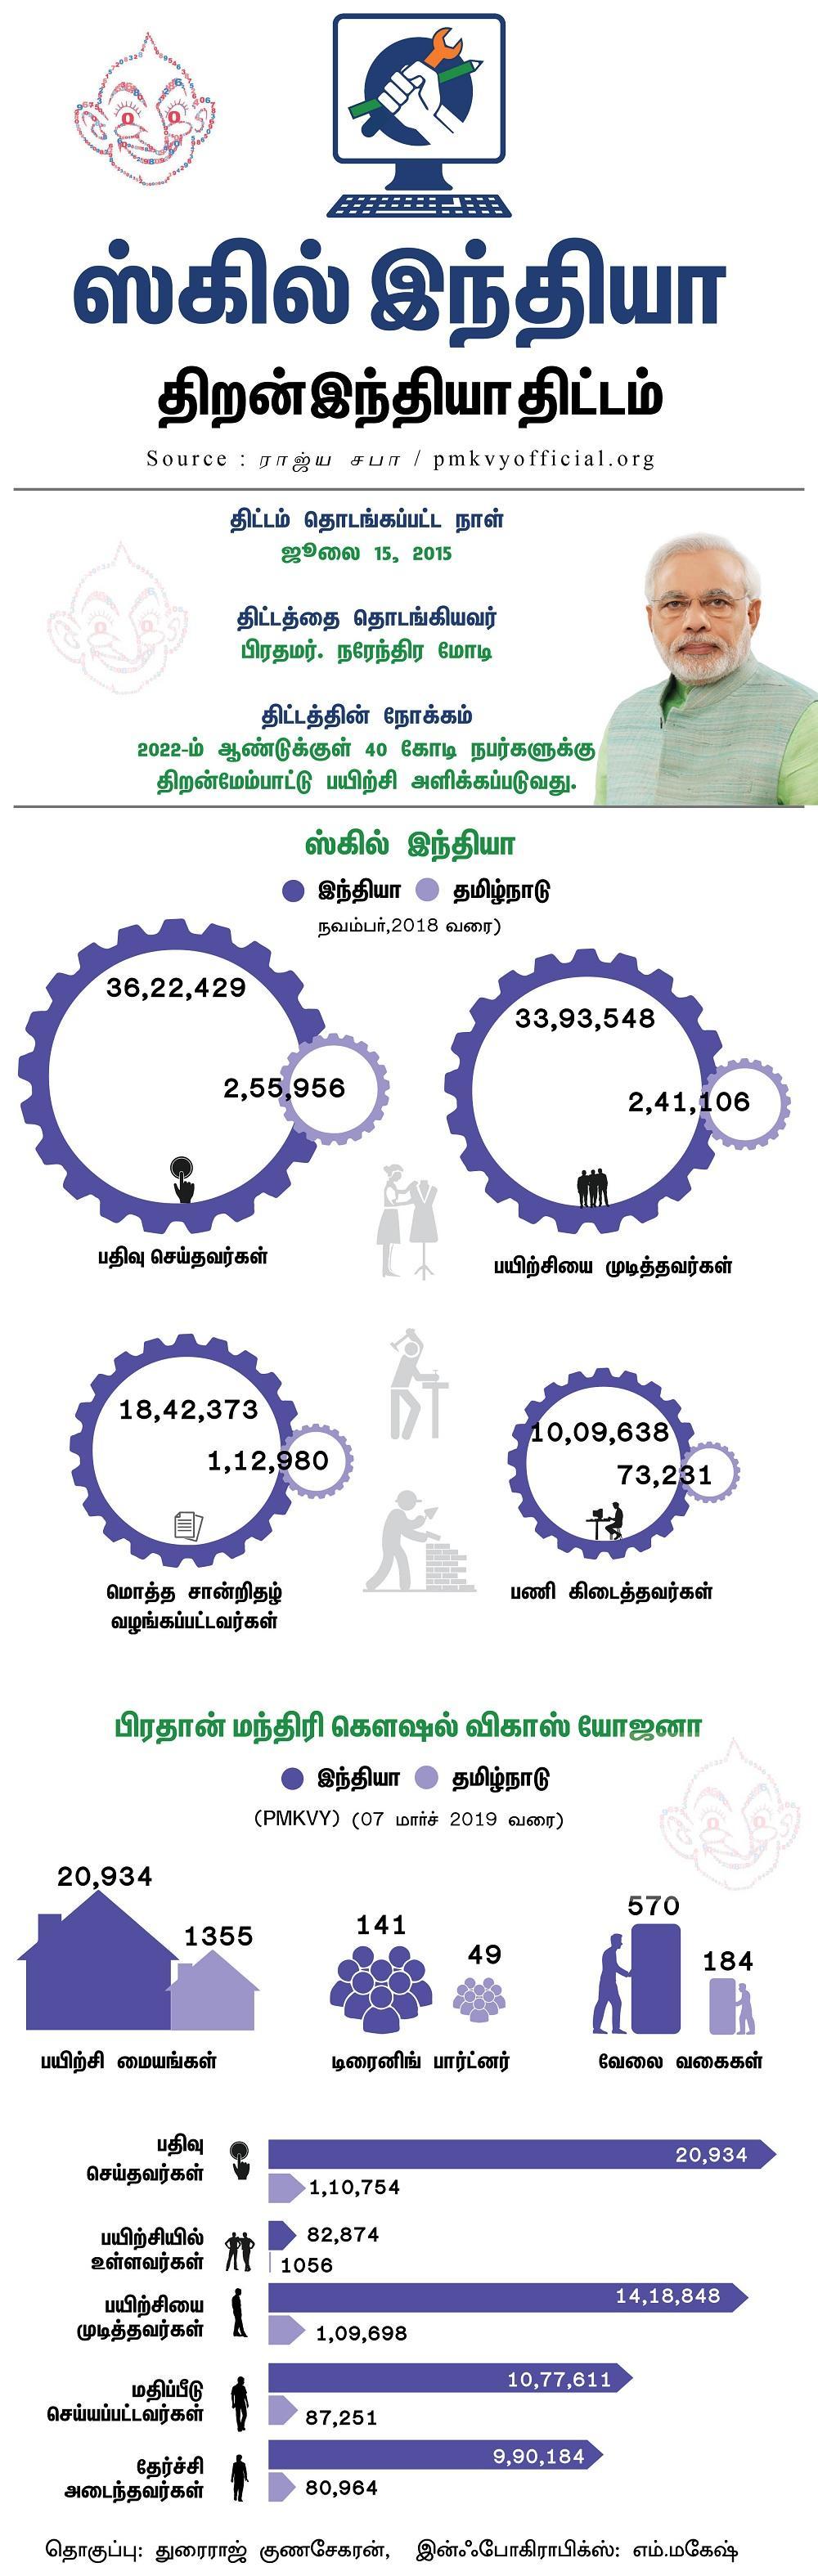 திறன் இந்தியா - ஸ்கில் இந்தியா